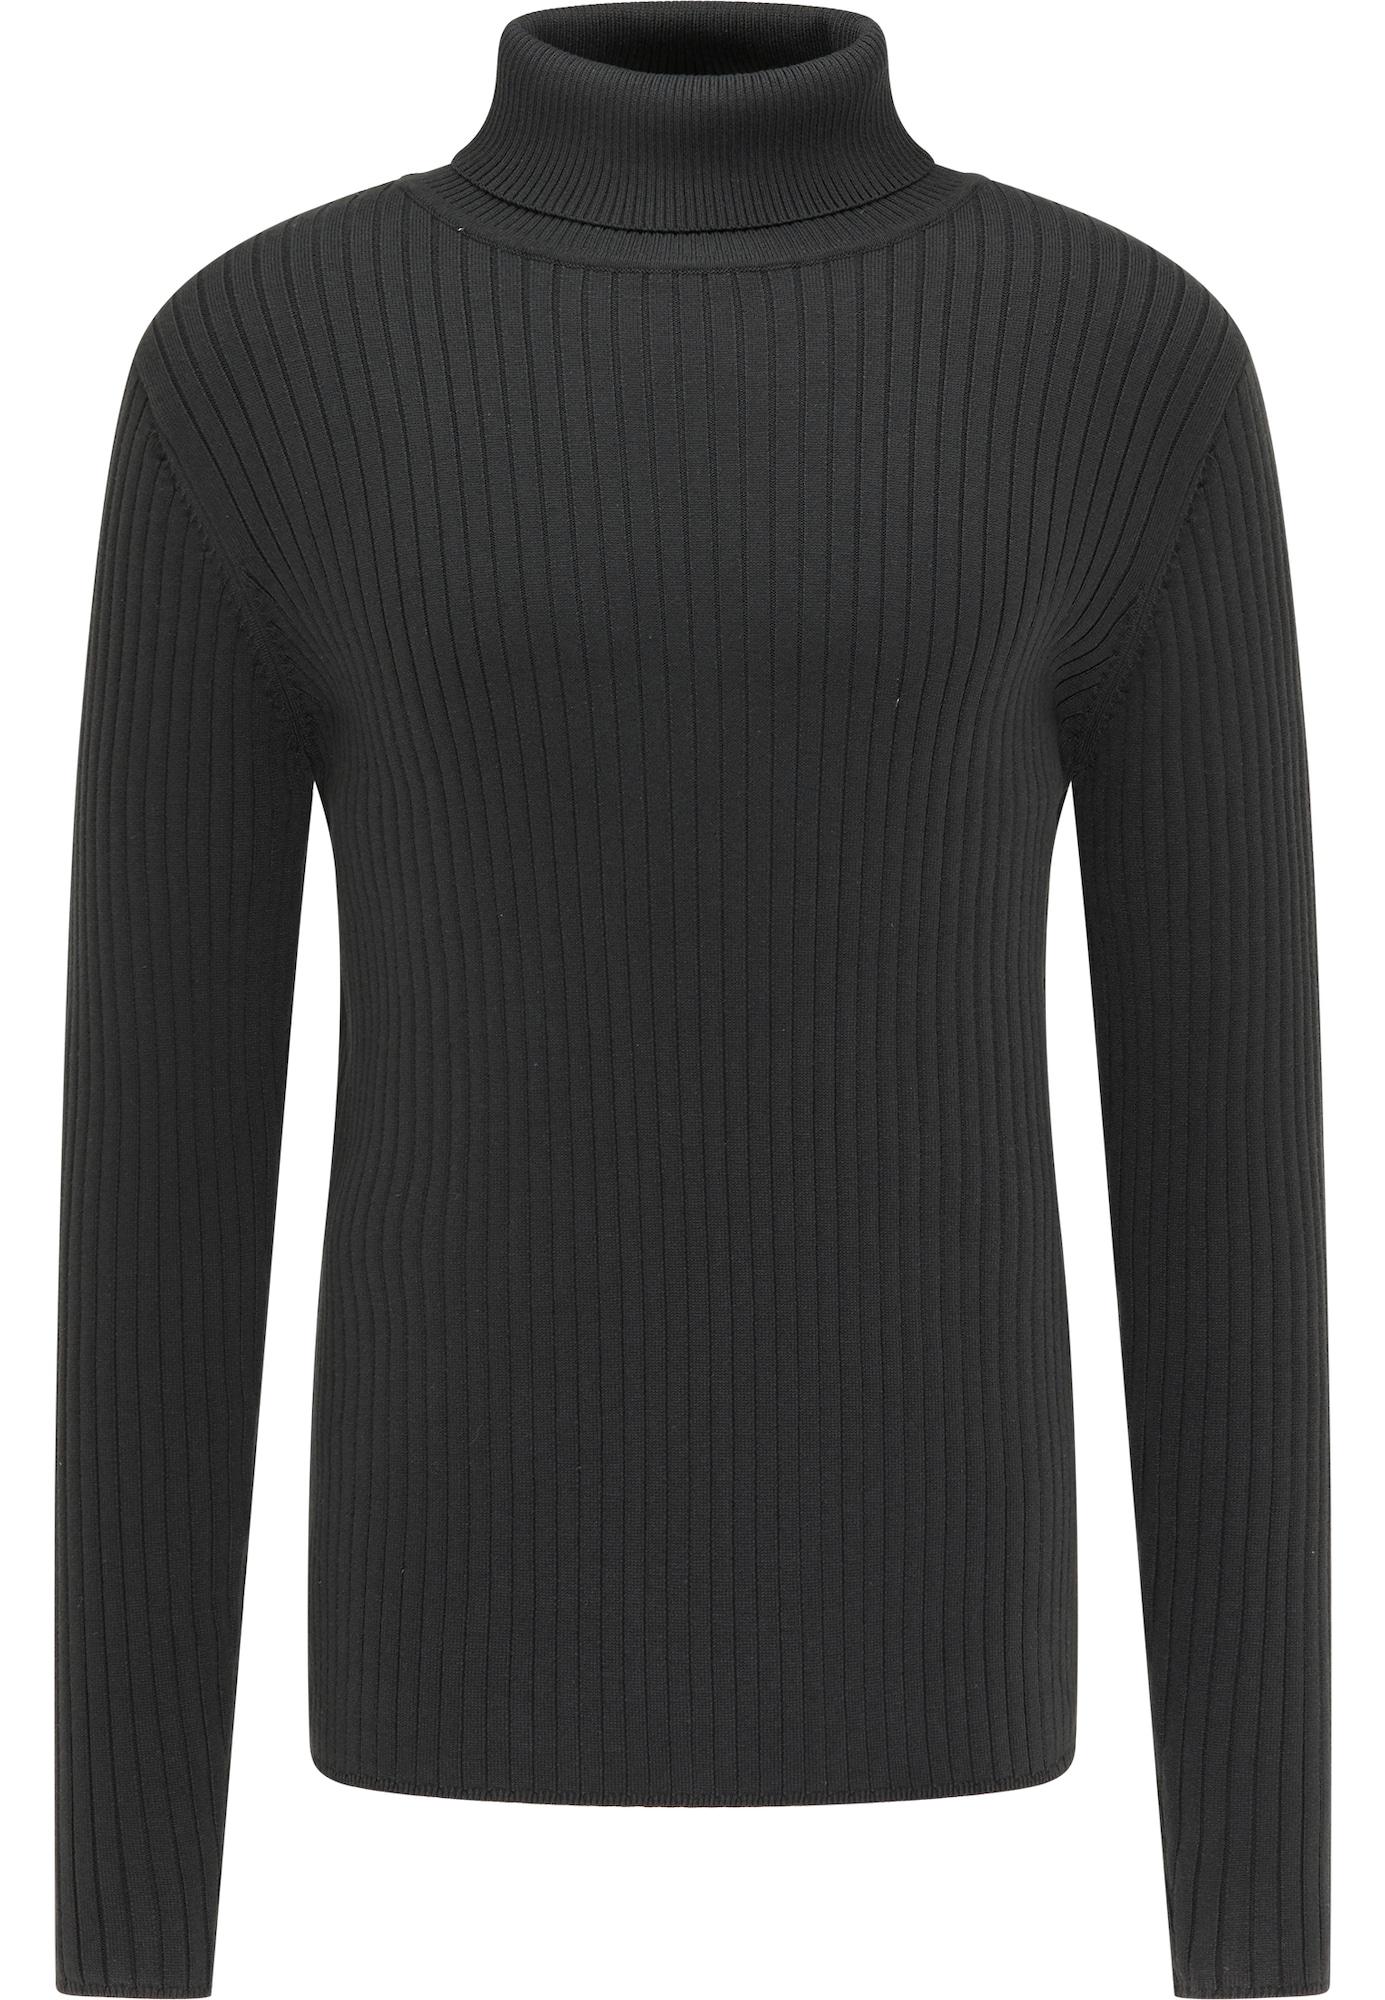 MO Megztinis įdegio spalva